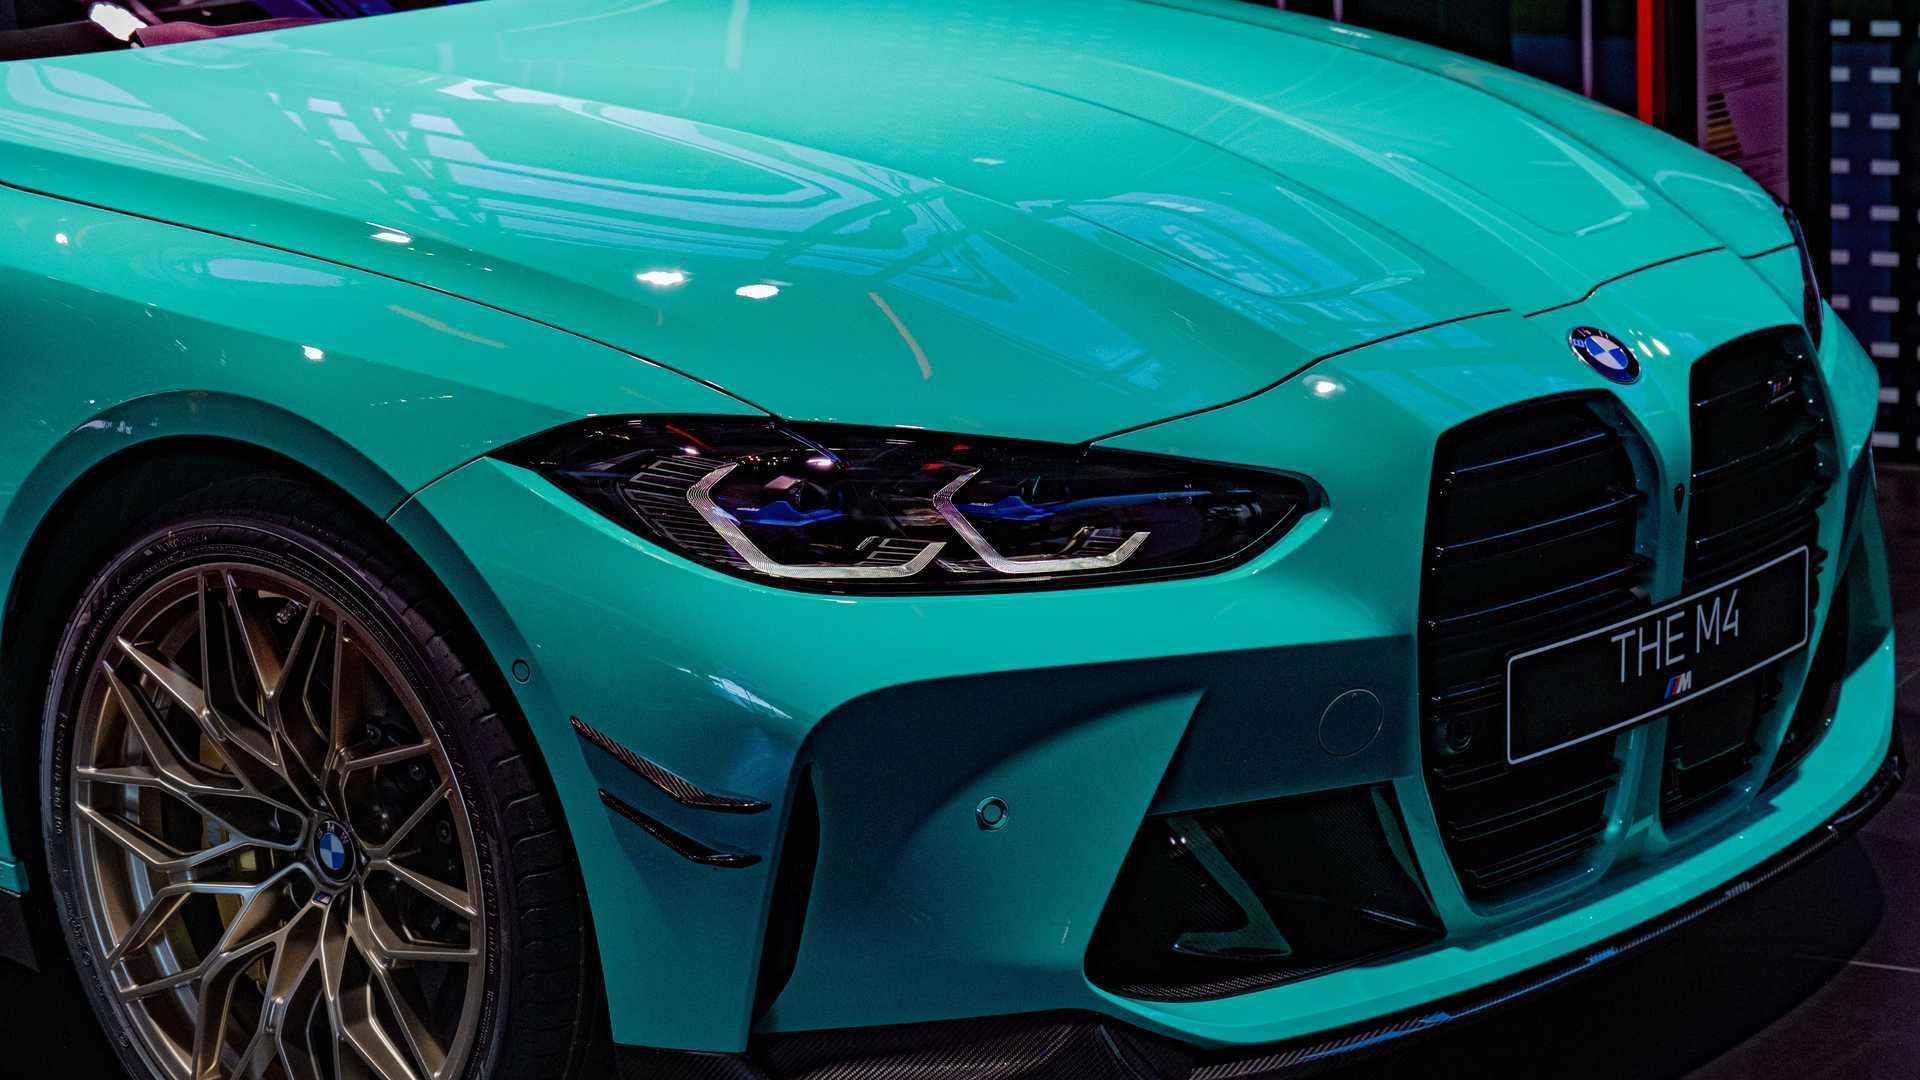 Chiêm ngưỡng xe sang BMW M4 màu xanh Mint lạ mắt-3